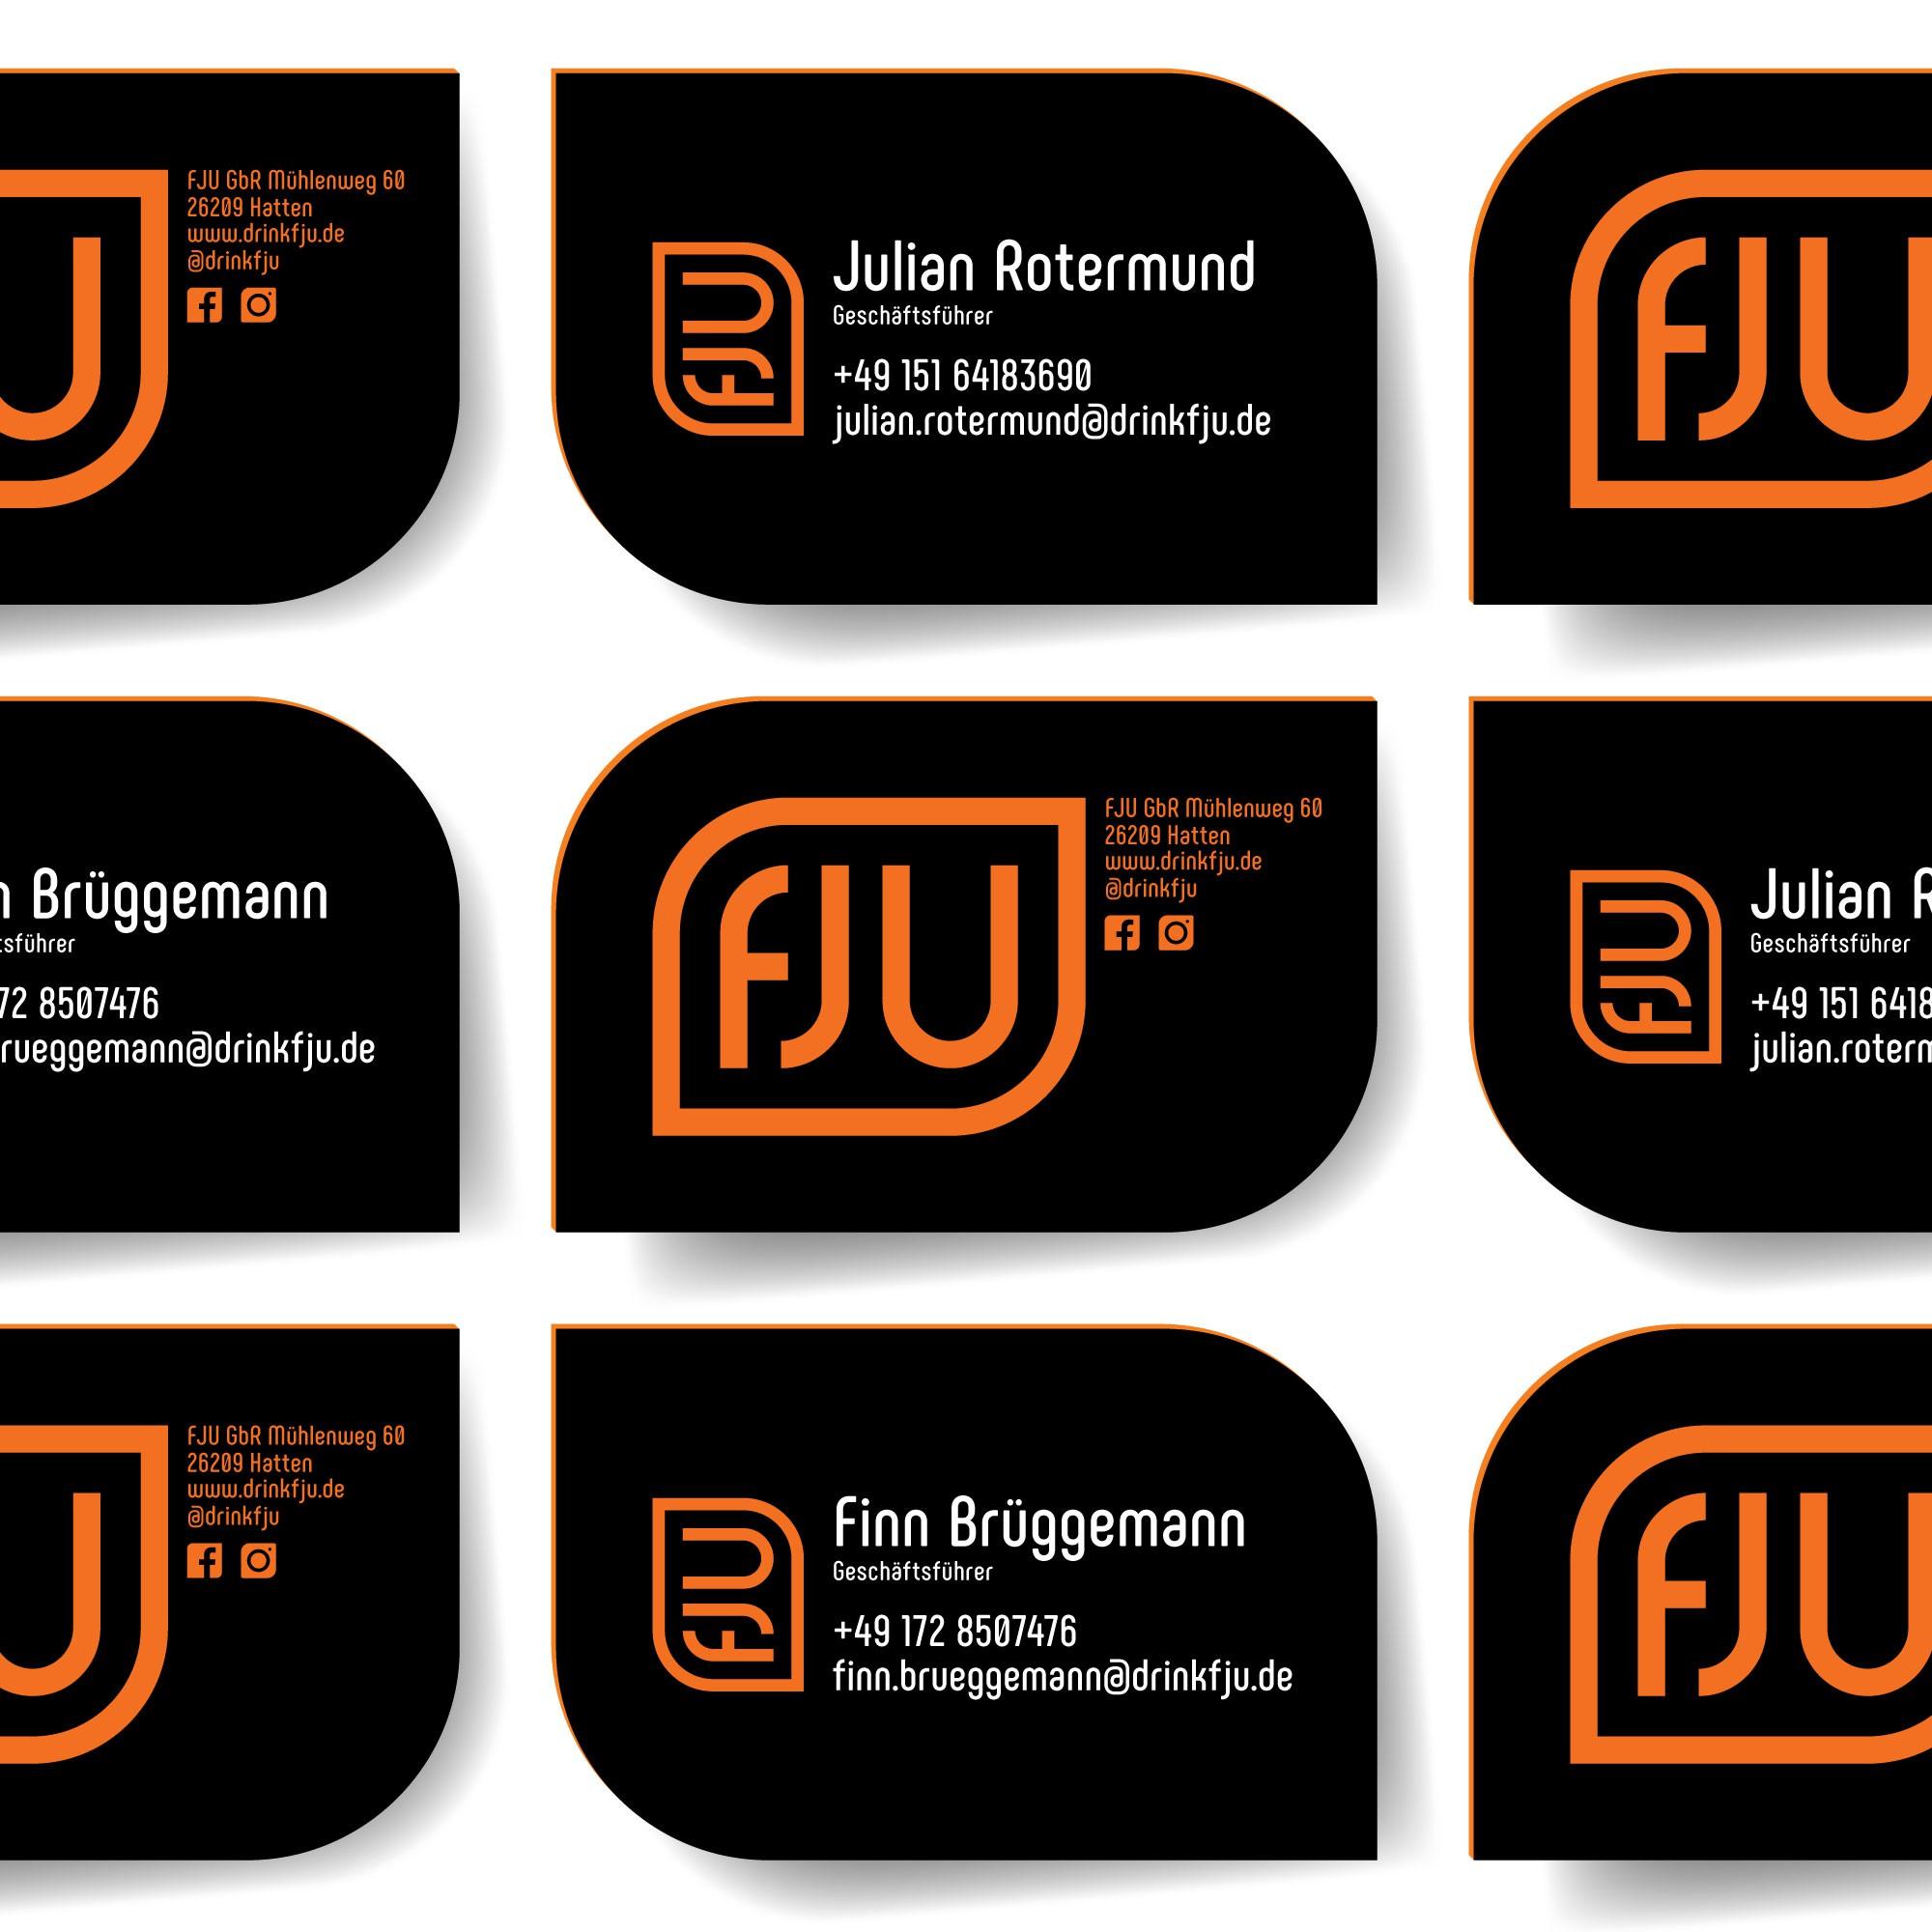 FJU Business cards